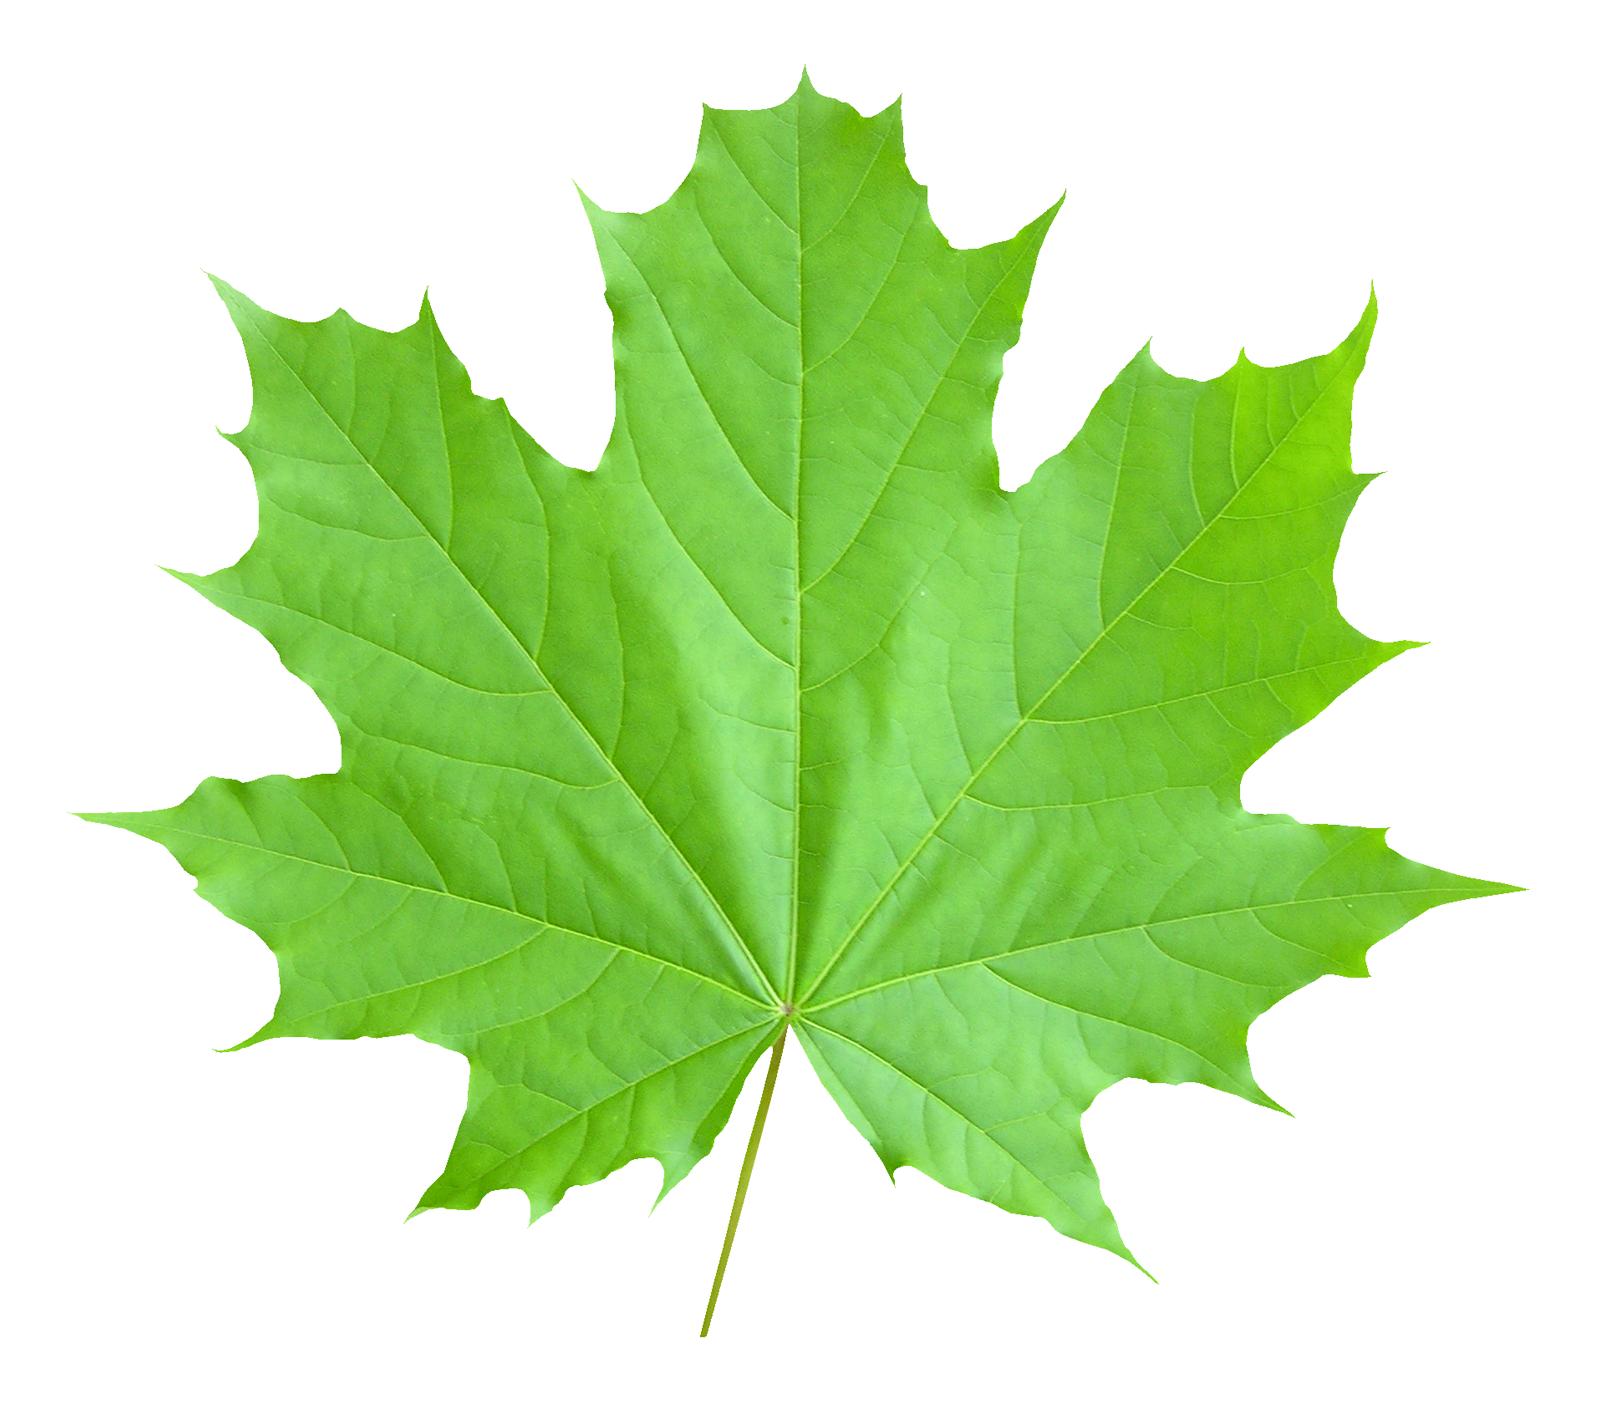 Maple Leaf Png Image Leaves Plant Leaves Maple Leaf